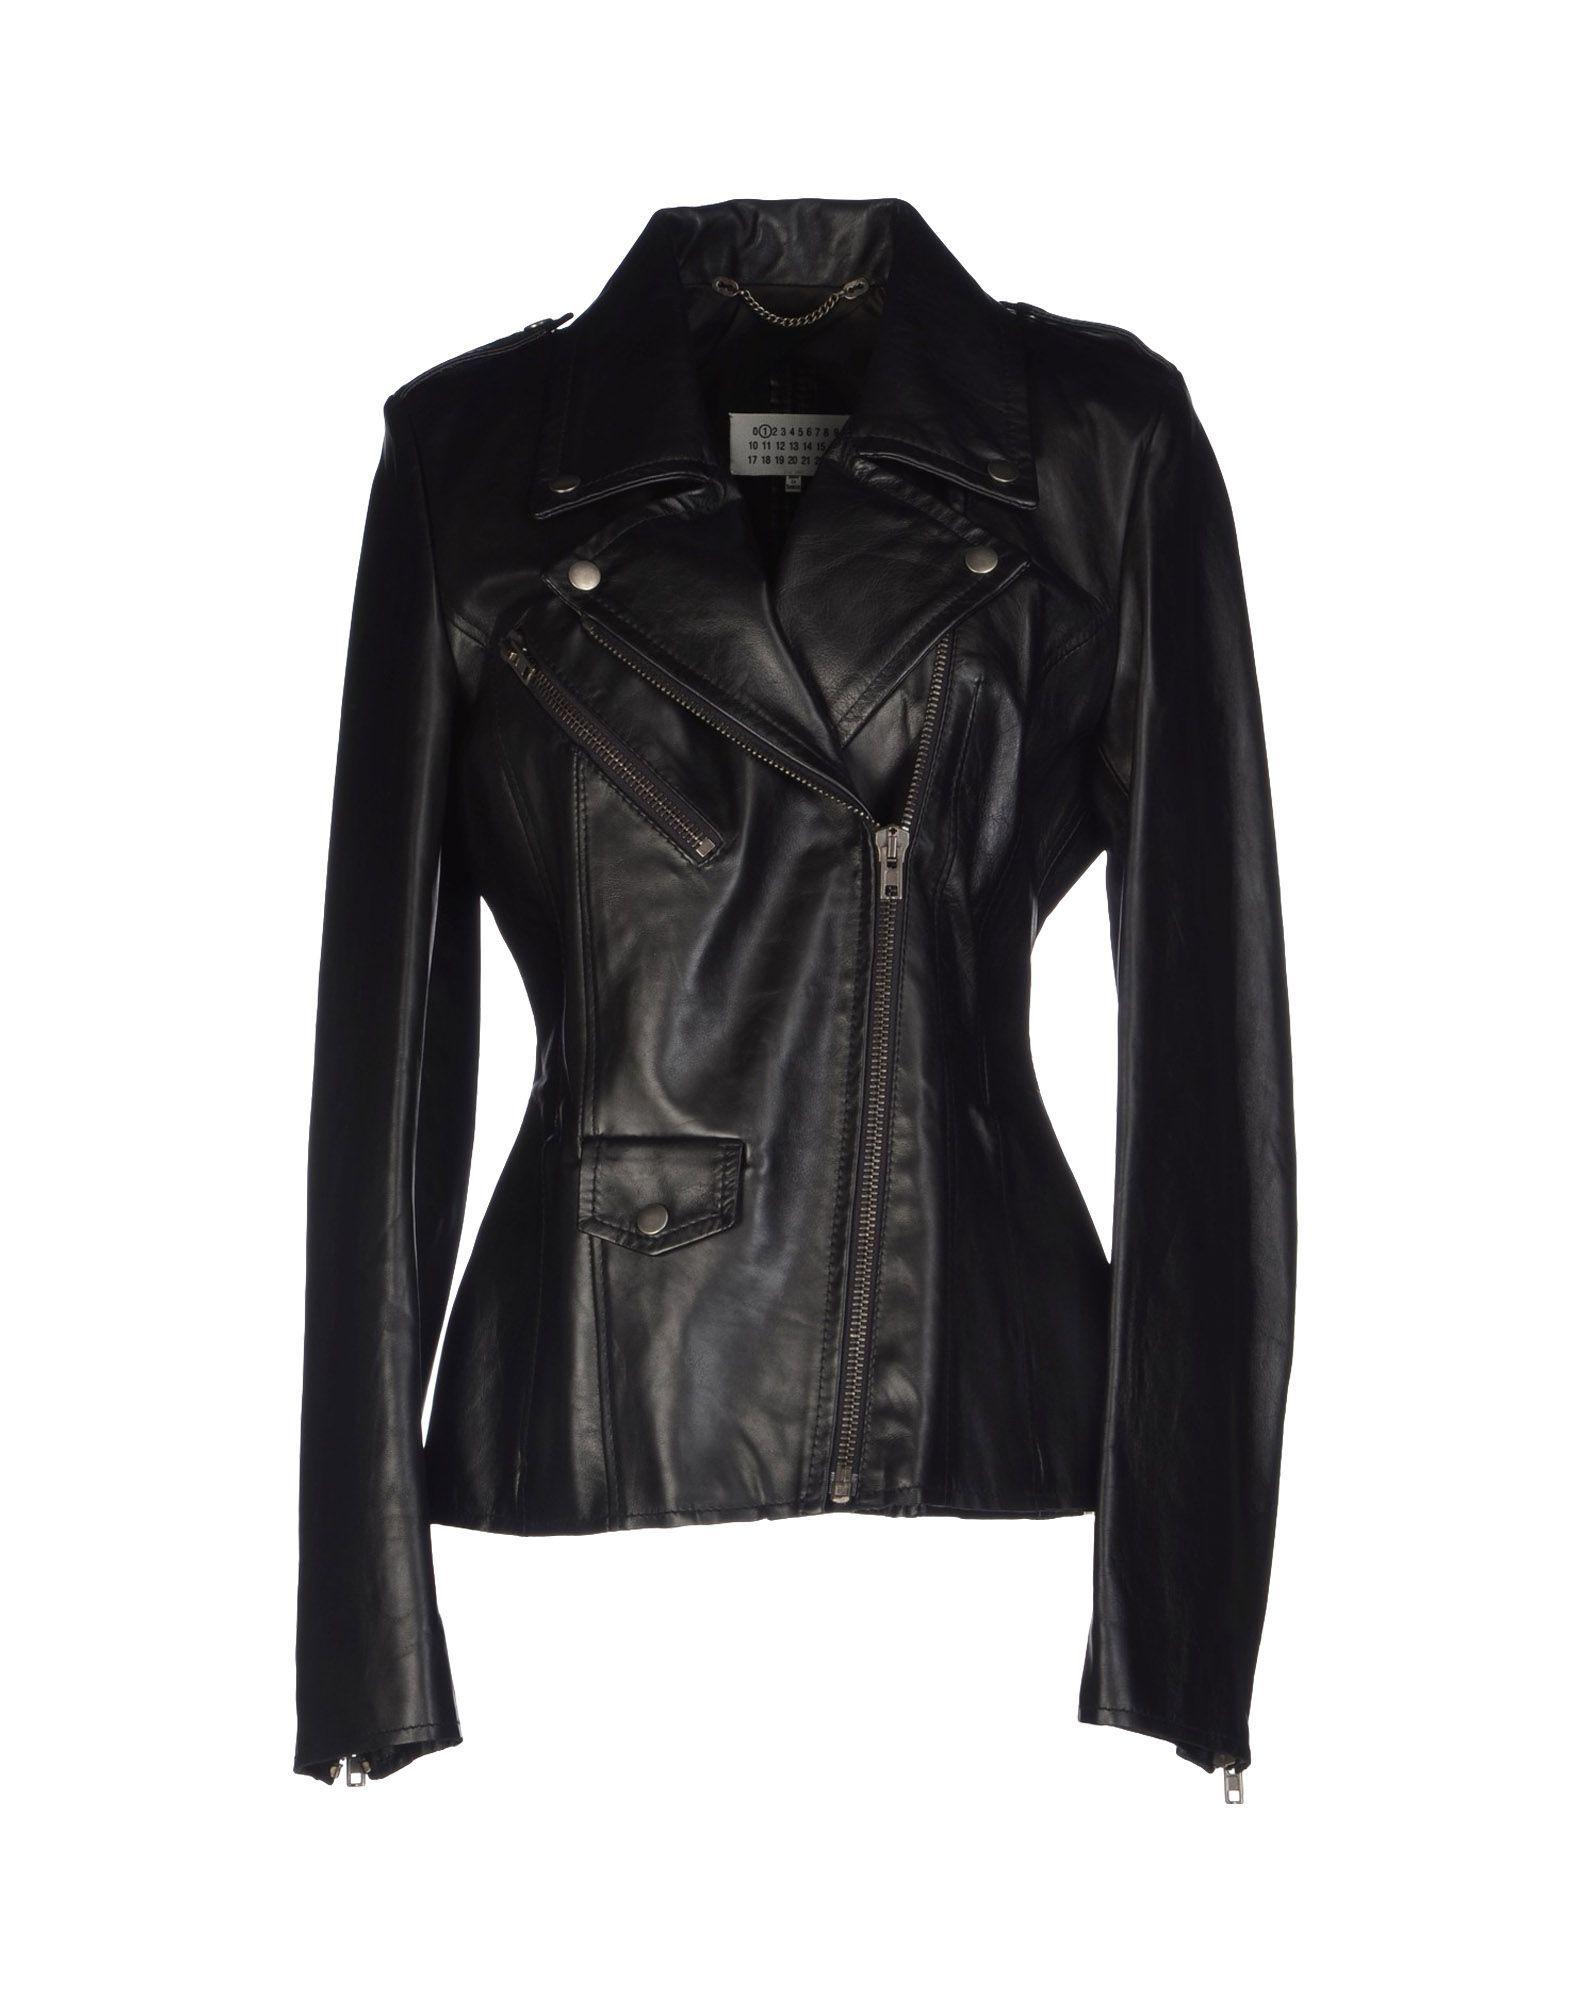 Maison Martin Margiela 1 Jacket - Women Maison Martin Margiela 1 Jackets  online on YOOX United 5aceff77ffa7